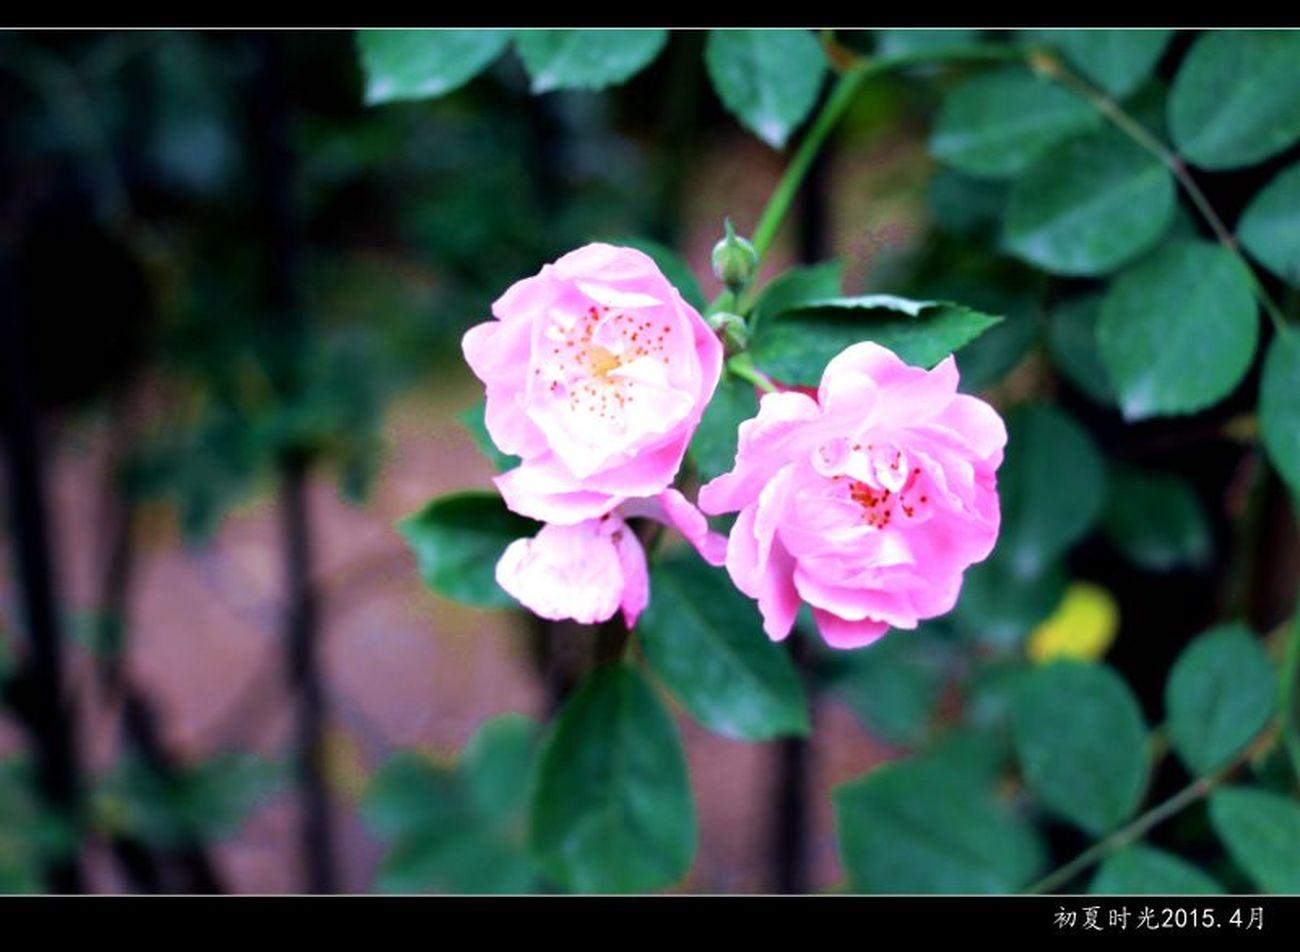 花朵 First Eyeem Photo